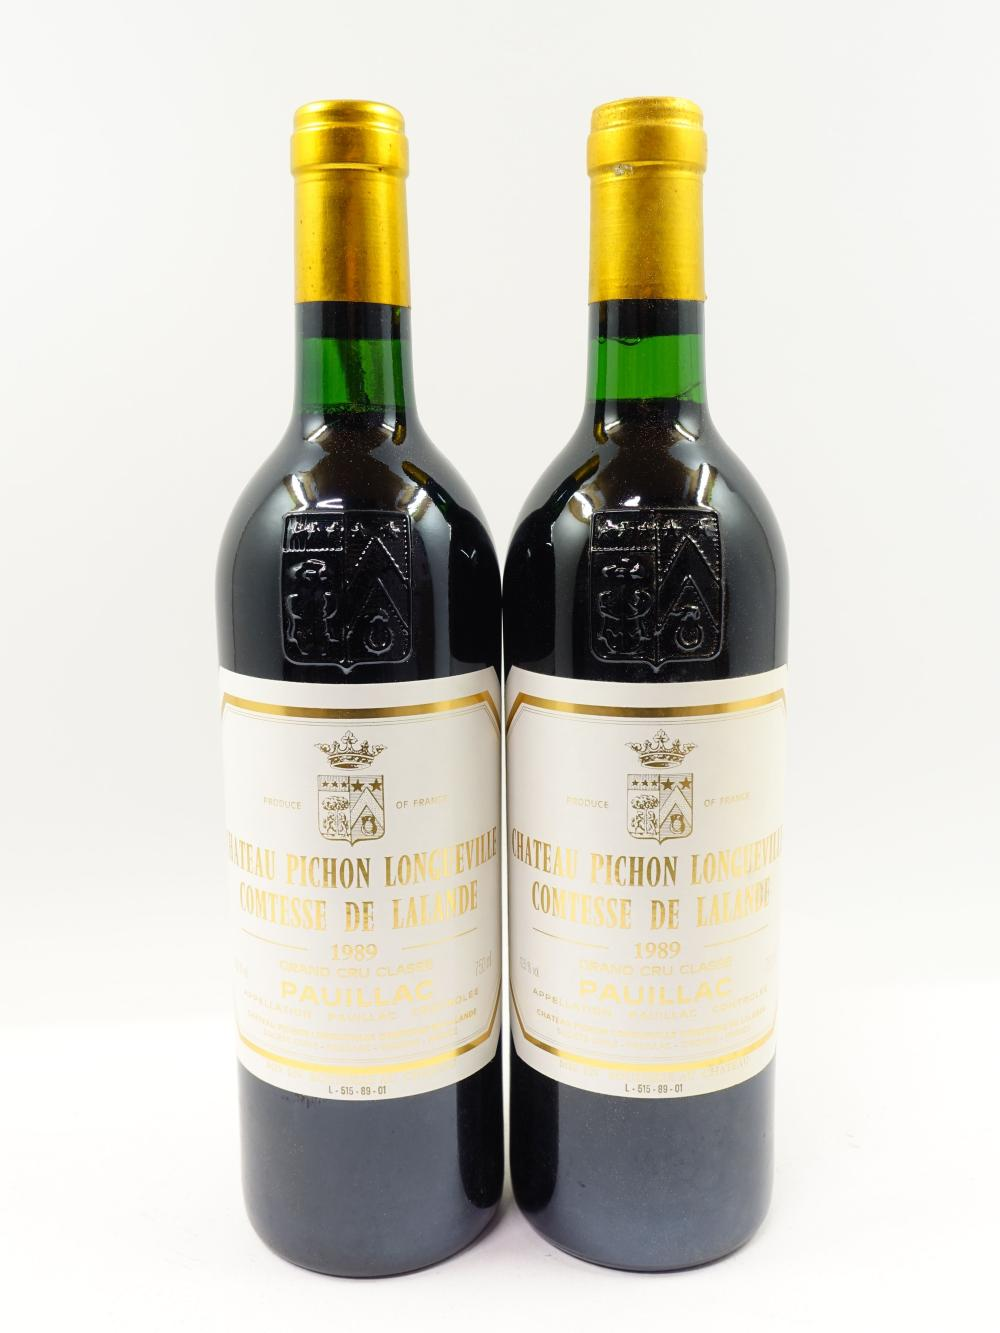 12 bouteilles CHÄTEAU PICHON COMTESSE DE LALANDE 1989 2è GC Pauillac (toutes base goulot) Caisse bois d'origine